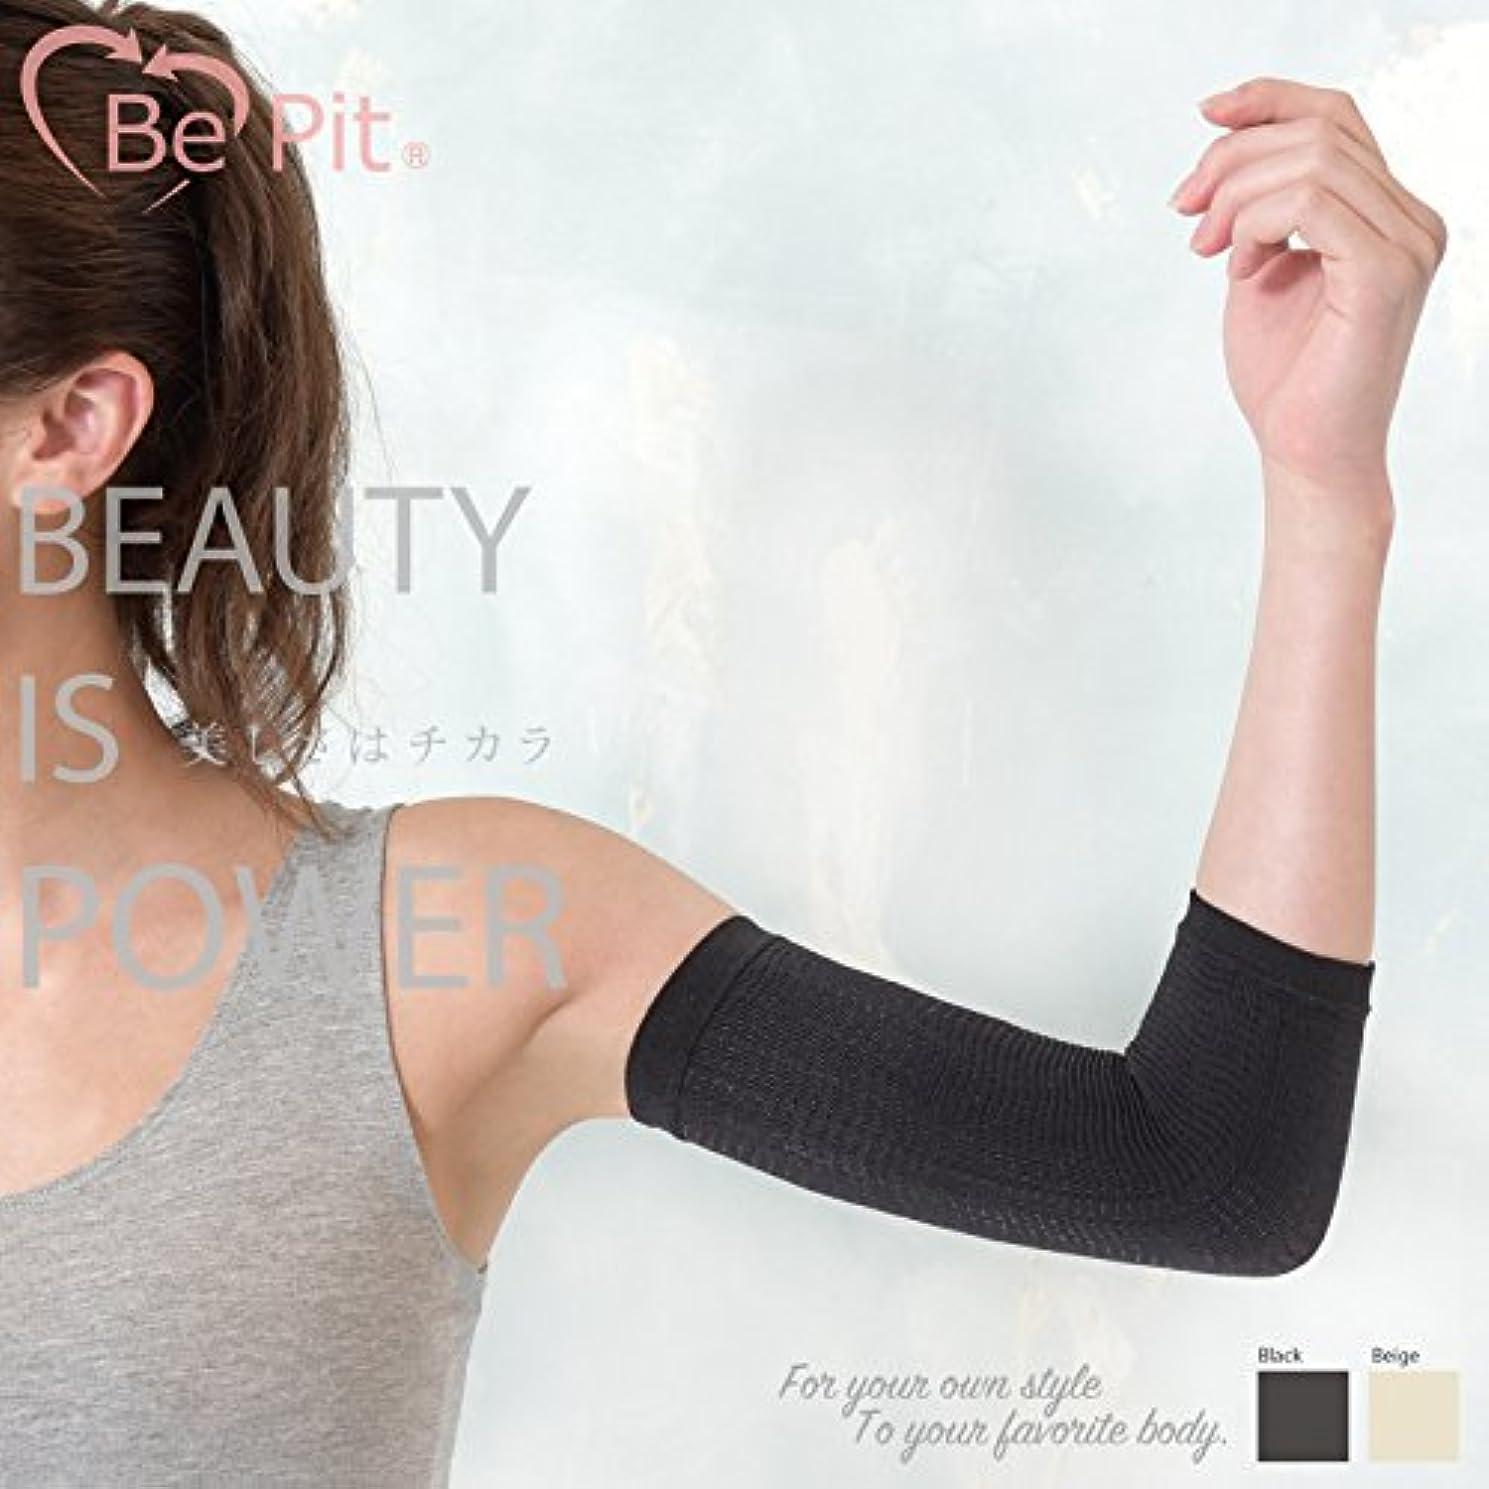 透けて見える大胆不敵中断美ピット(Bepit) 二の腕マッサージフィットスパッツ Bepit016 (ブラック)